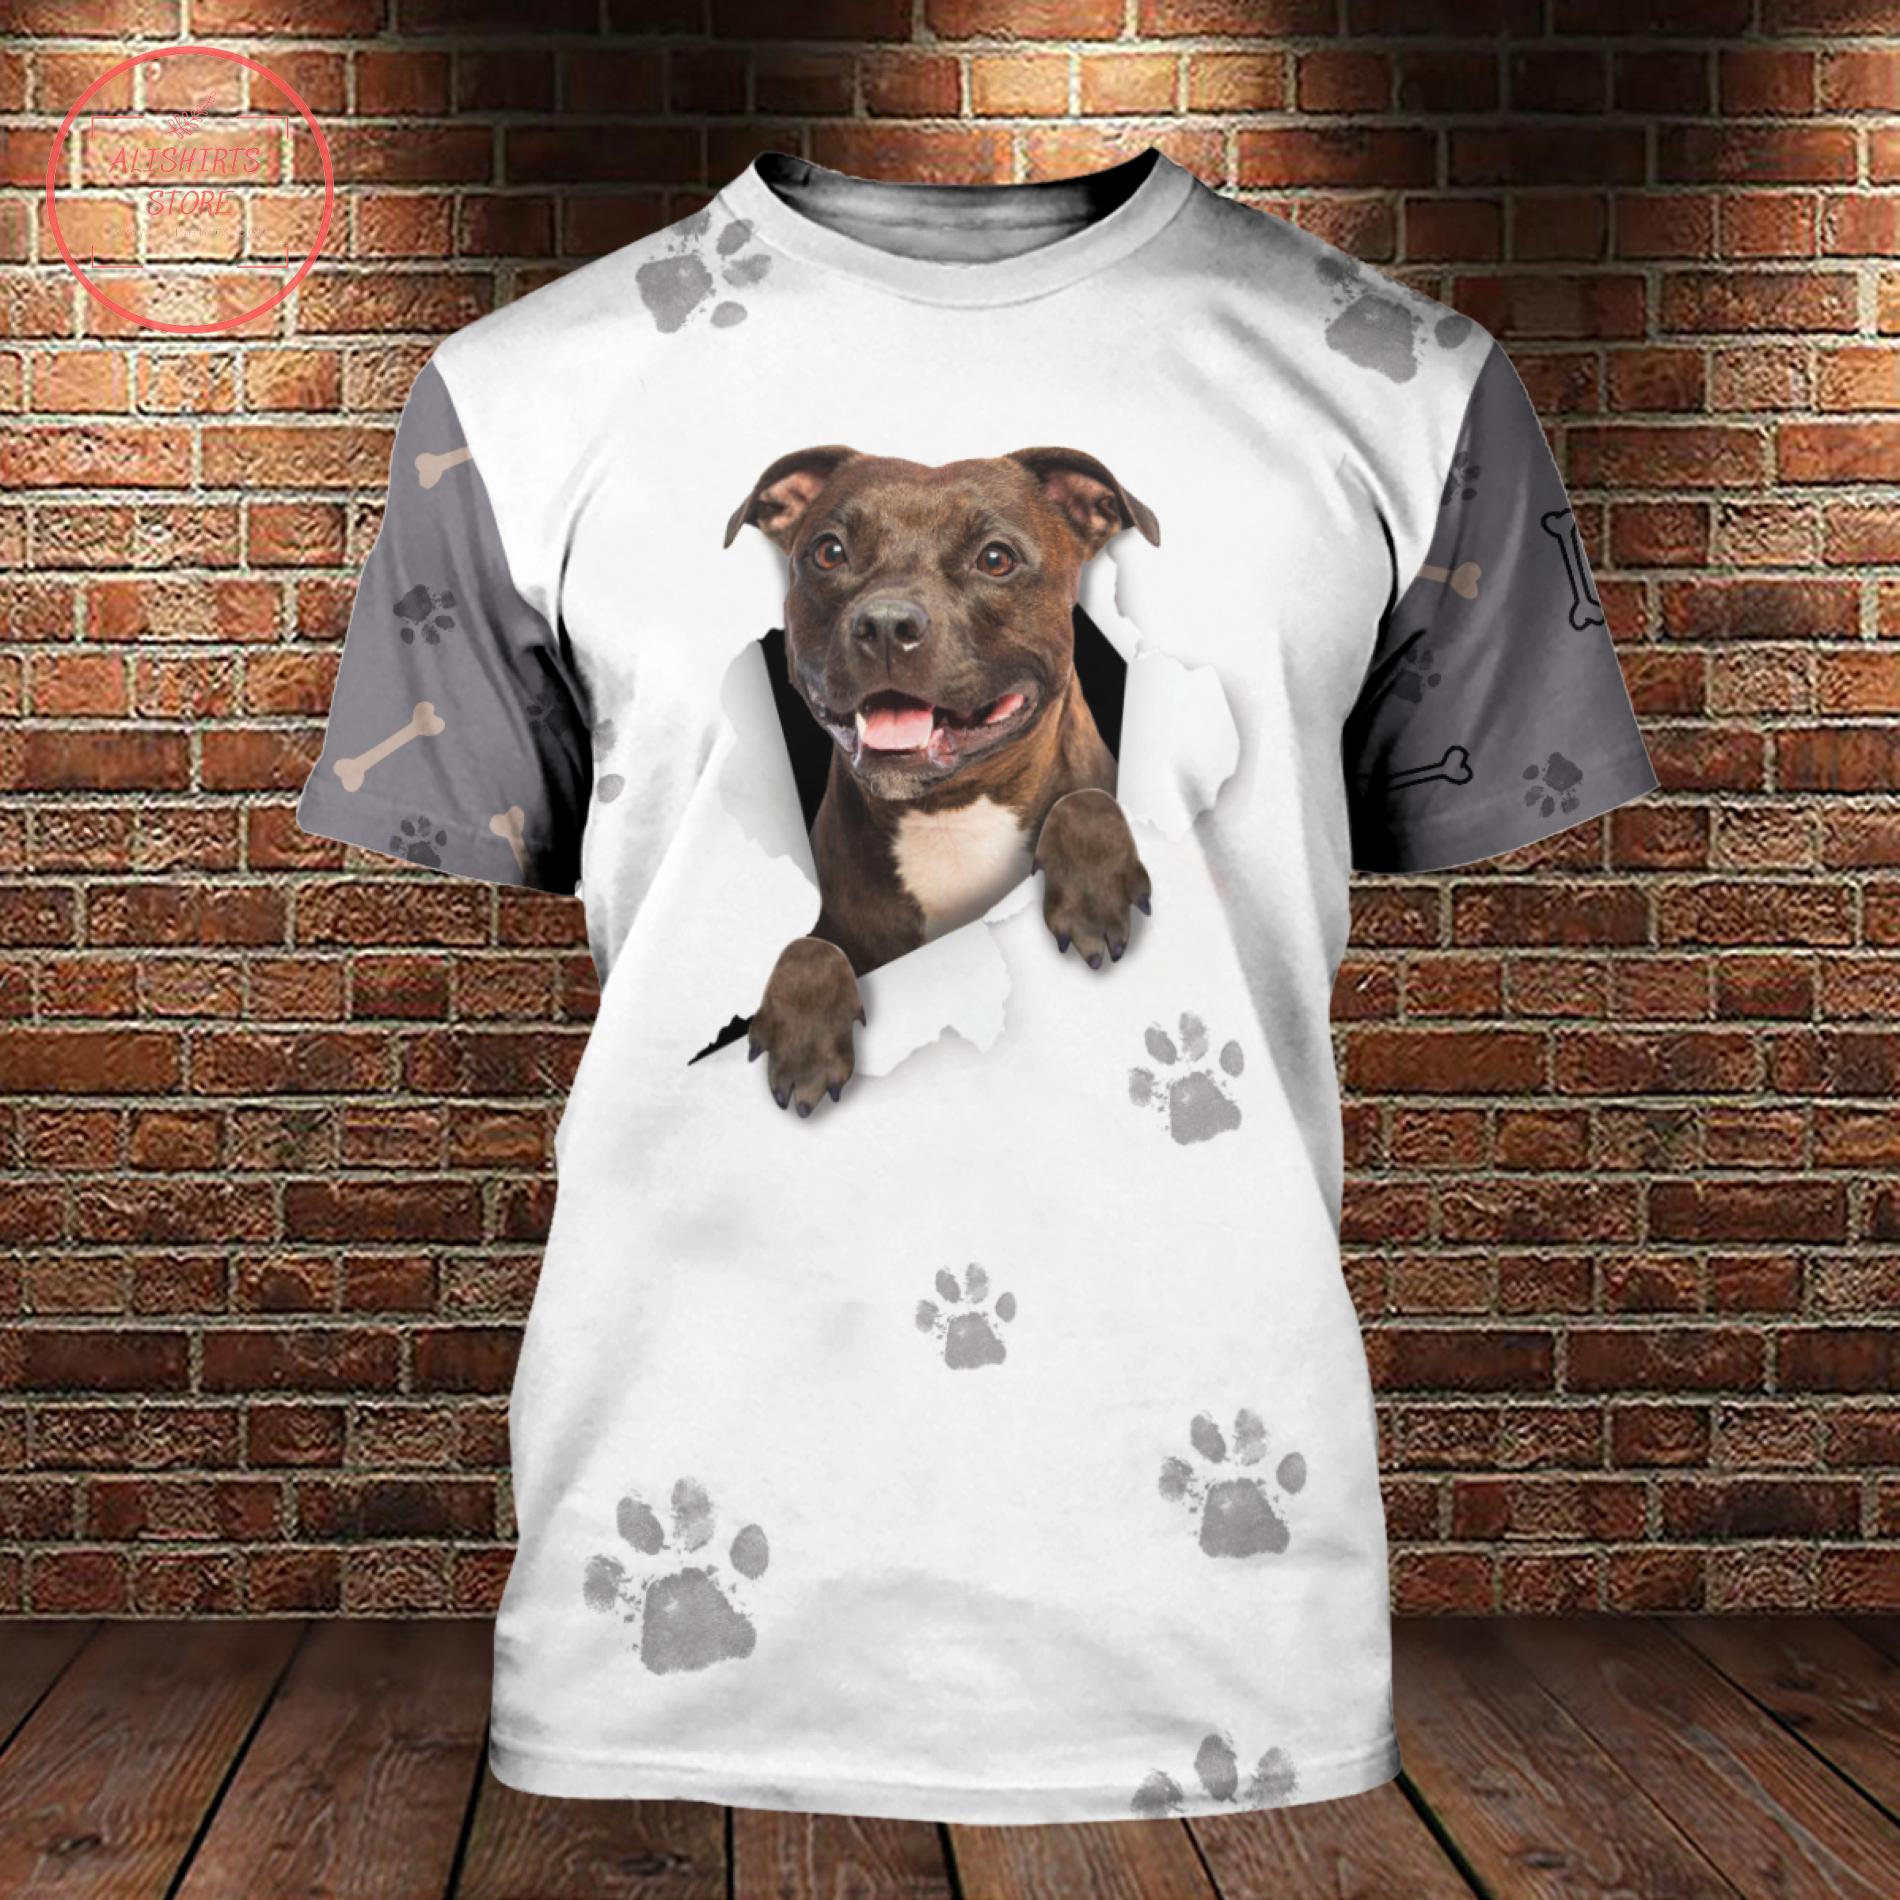 Crack Pitbull 3D All Over Gift For Pitbulls Lovers Shirt